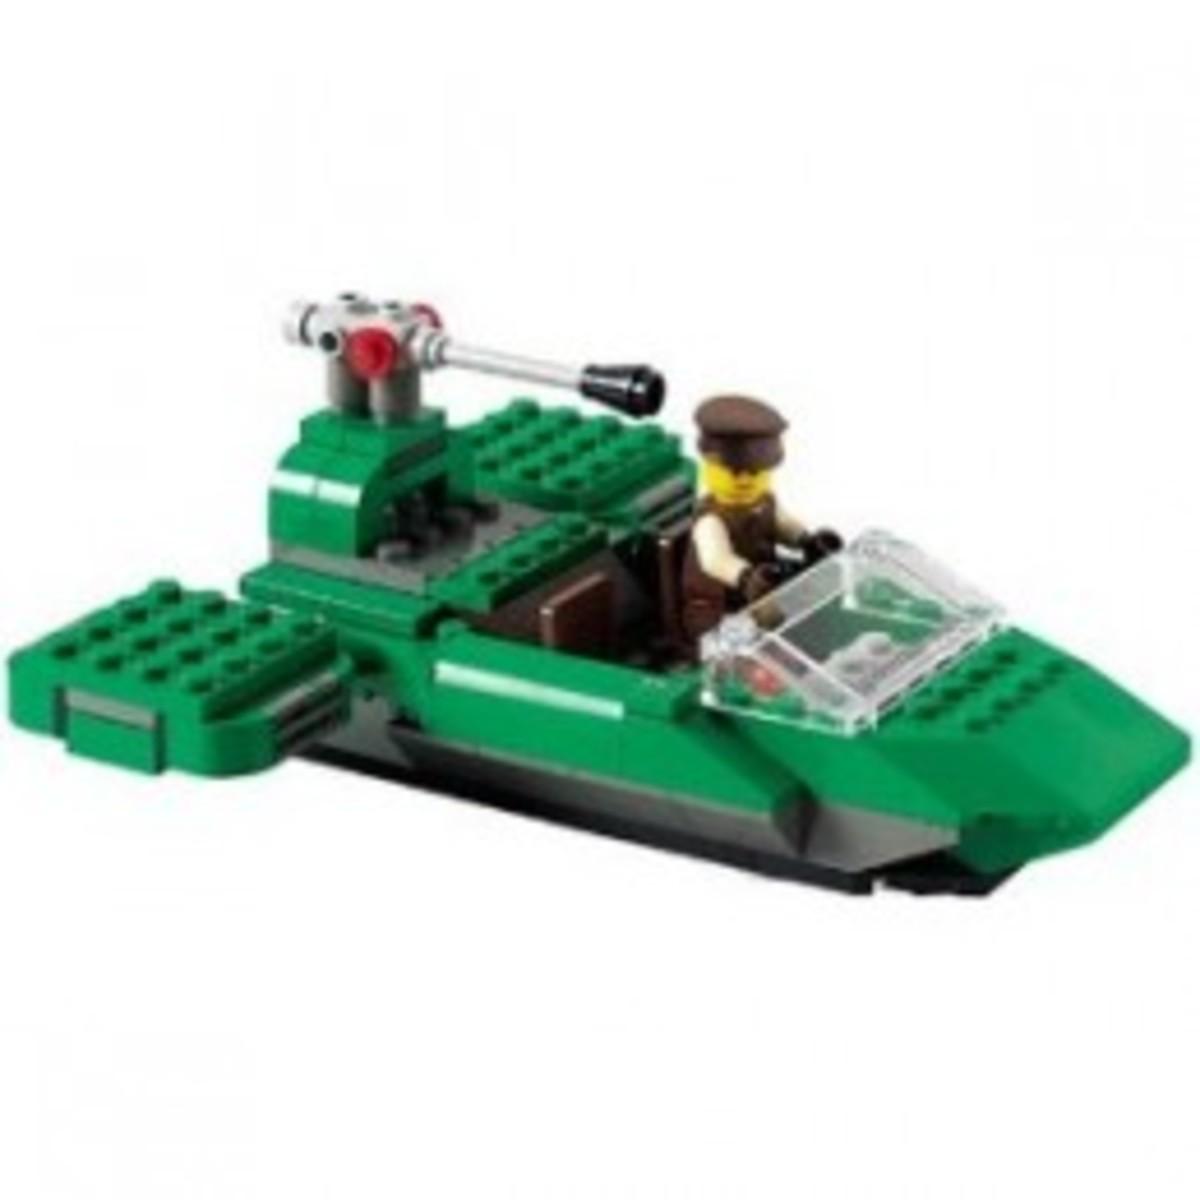 Lego Star Wars Flash Speeder 7124 Assembled